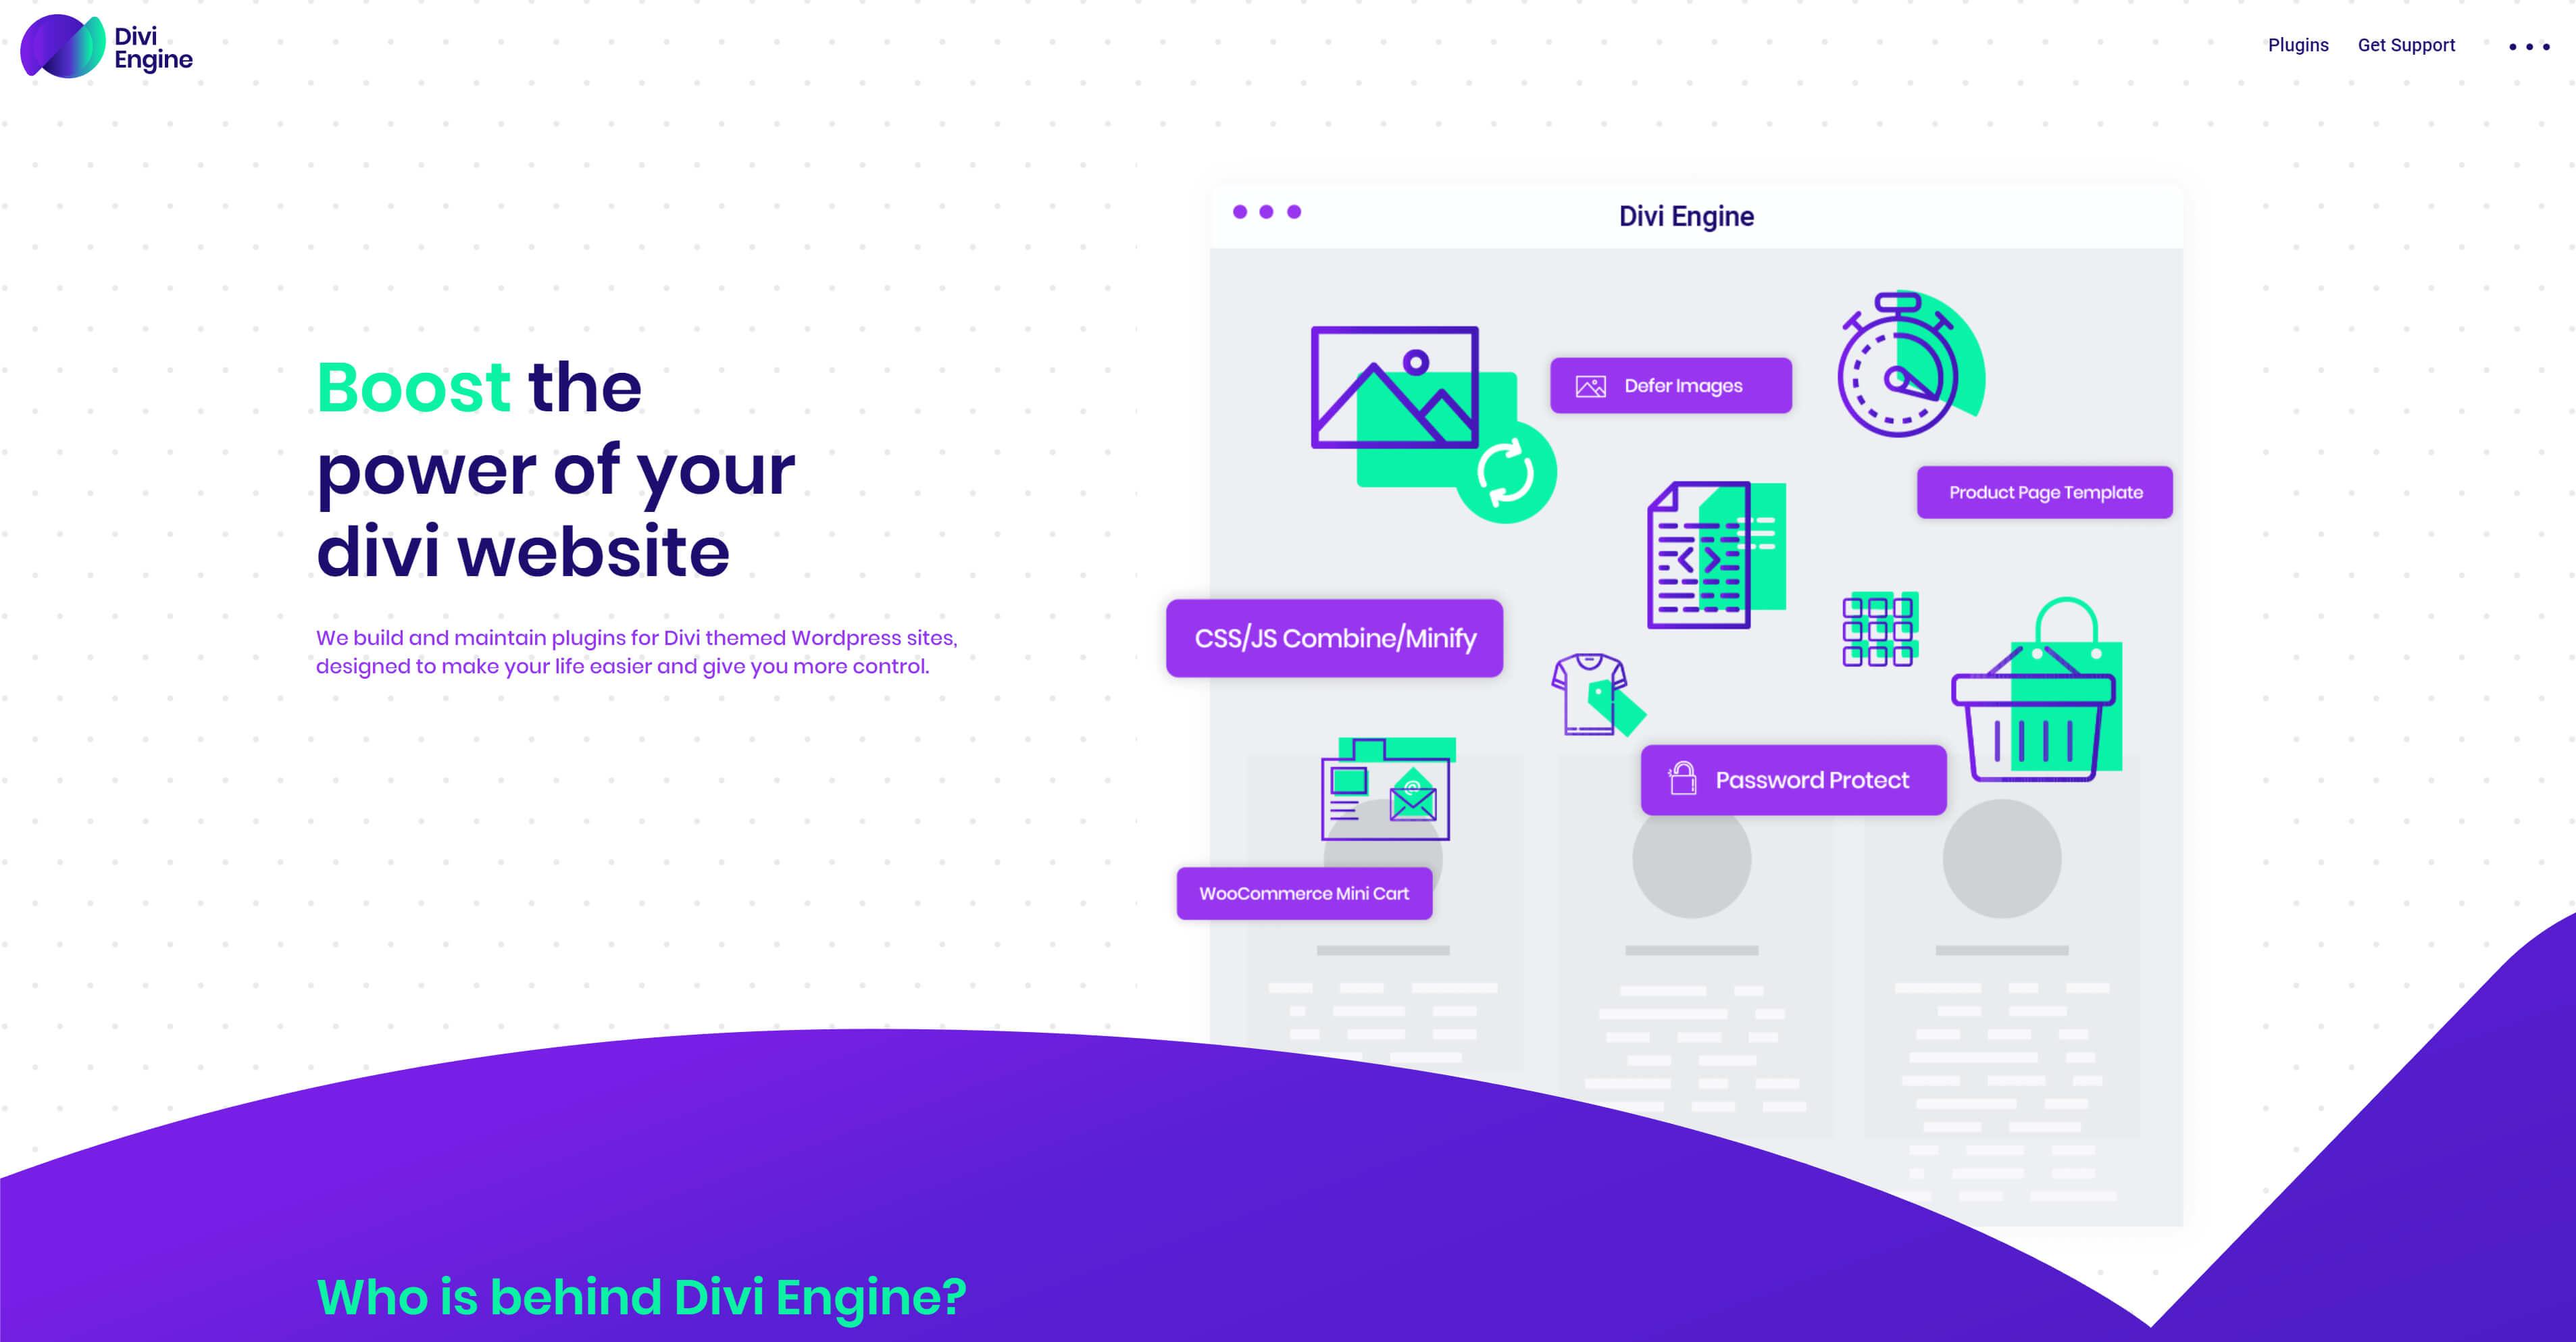 diviengine.com